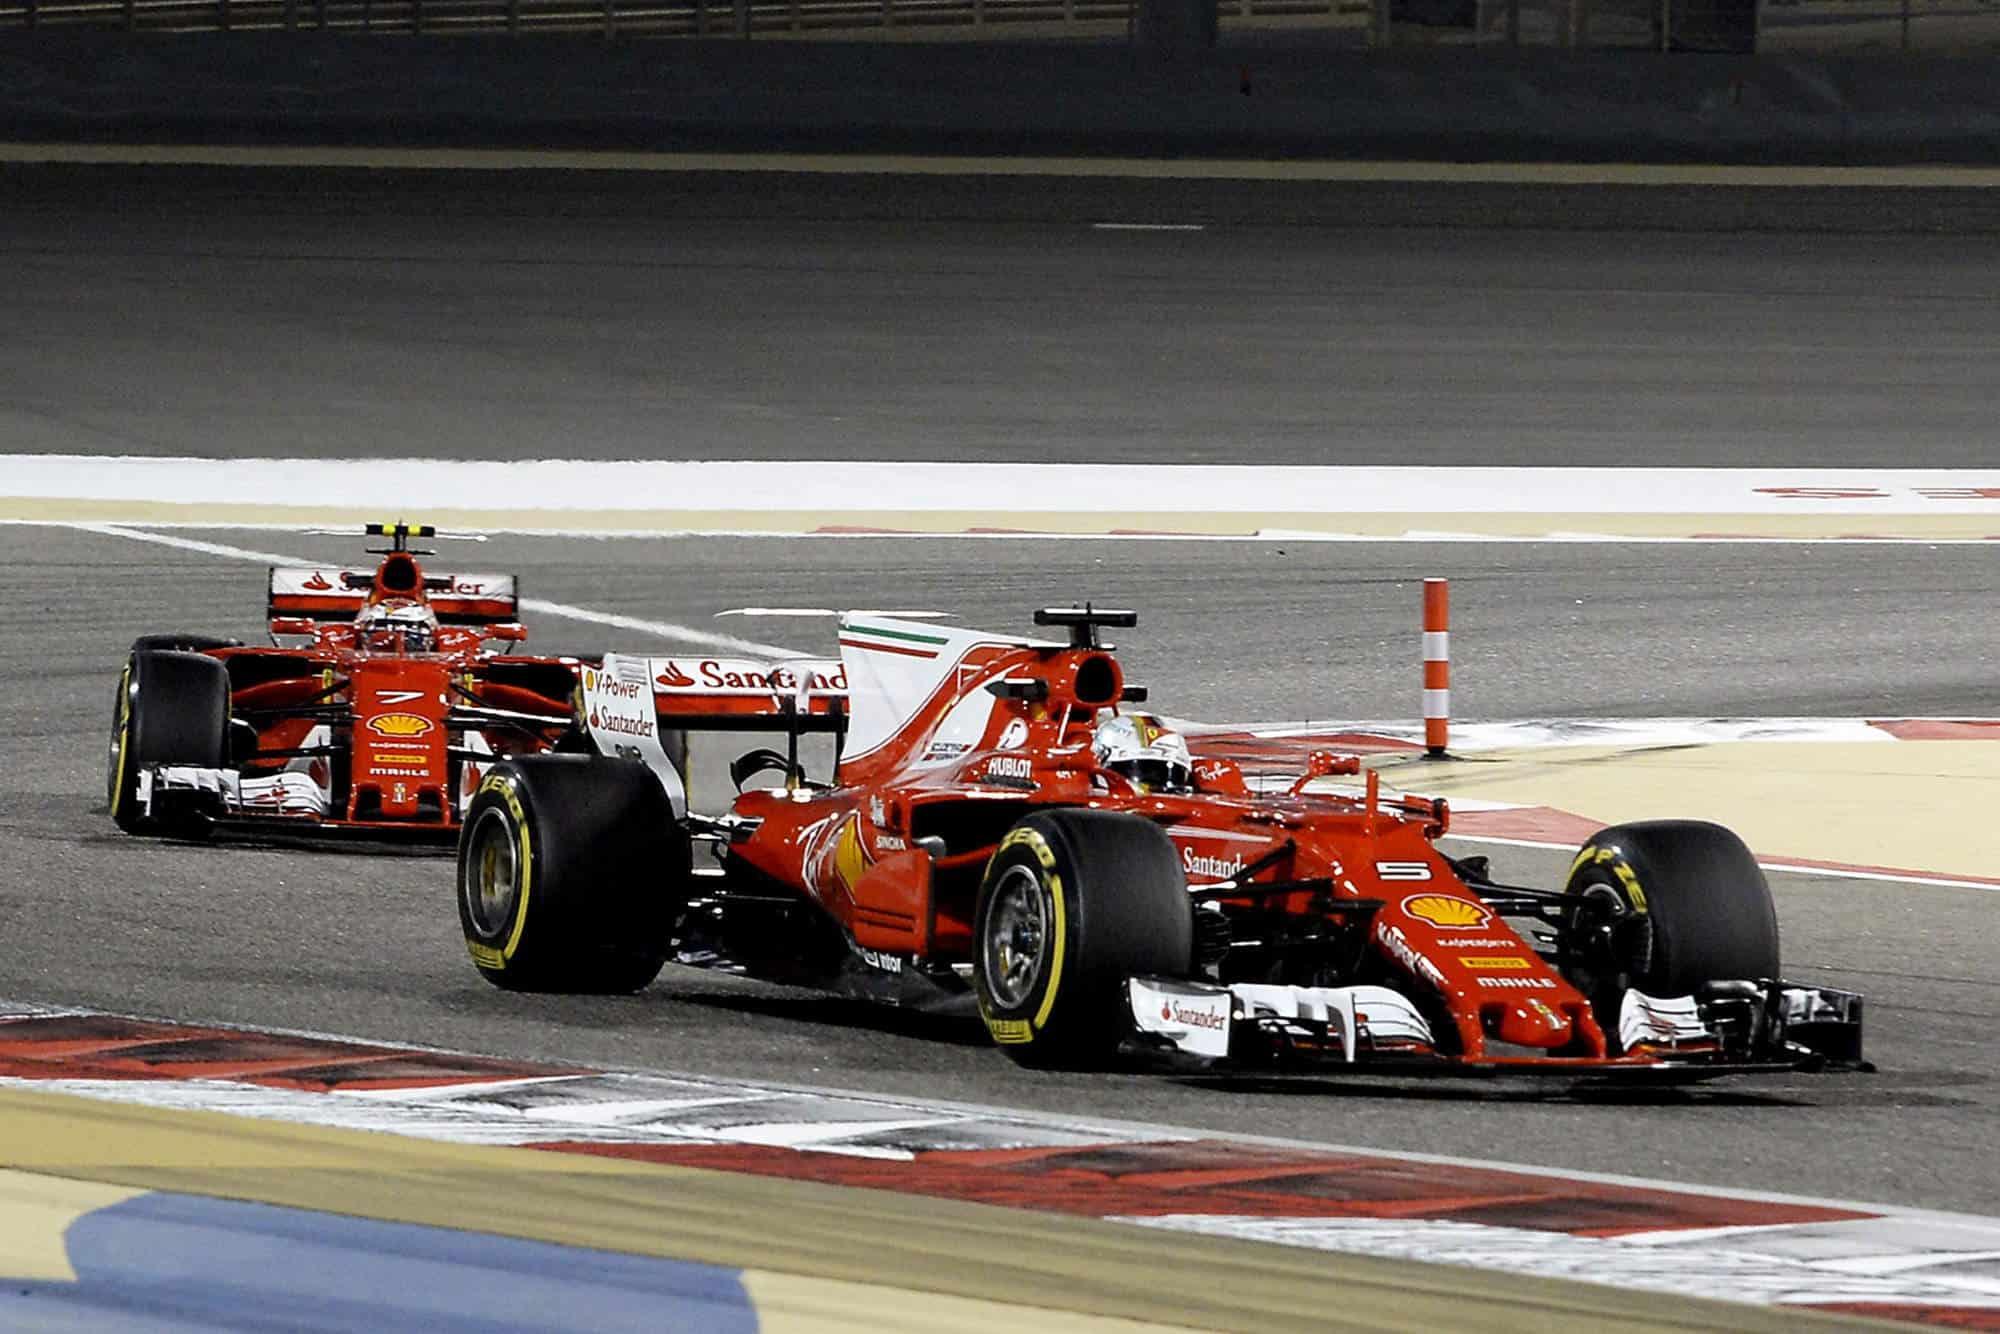 2017 Bahrain GP Vettel and Raikkonen SF70H Photo Ferrari